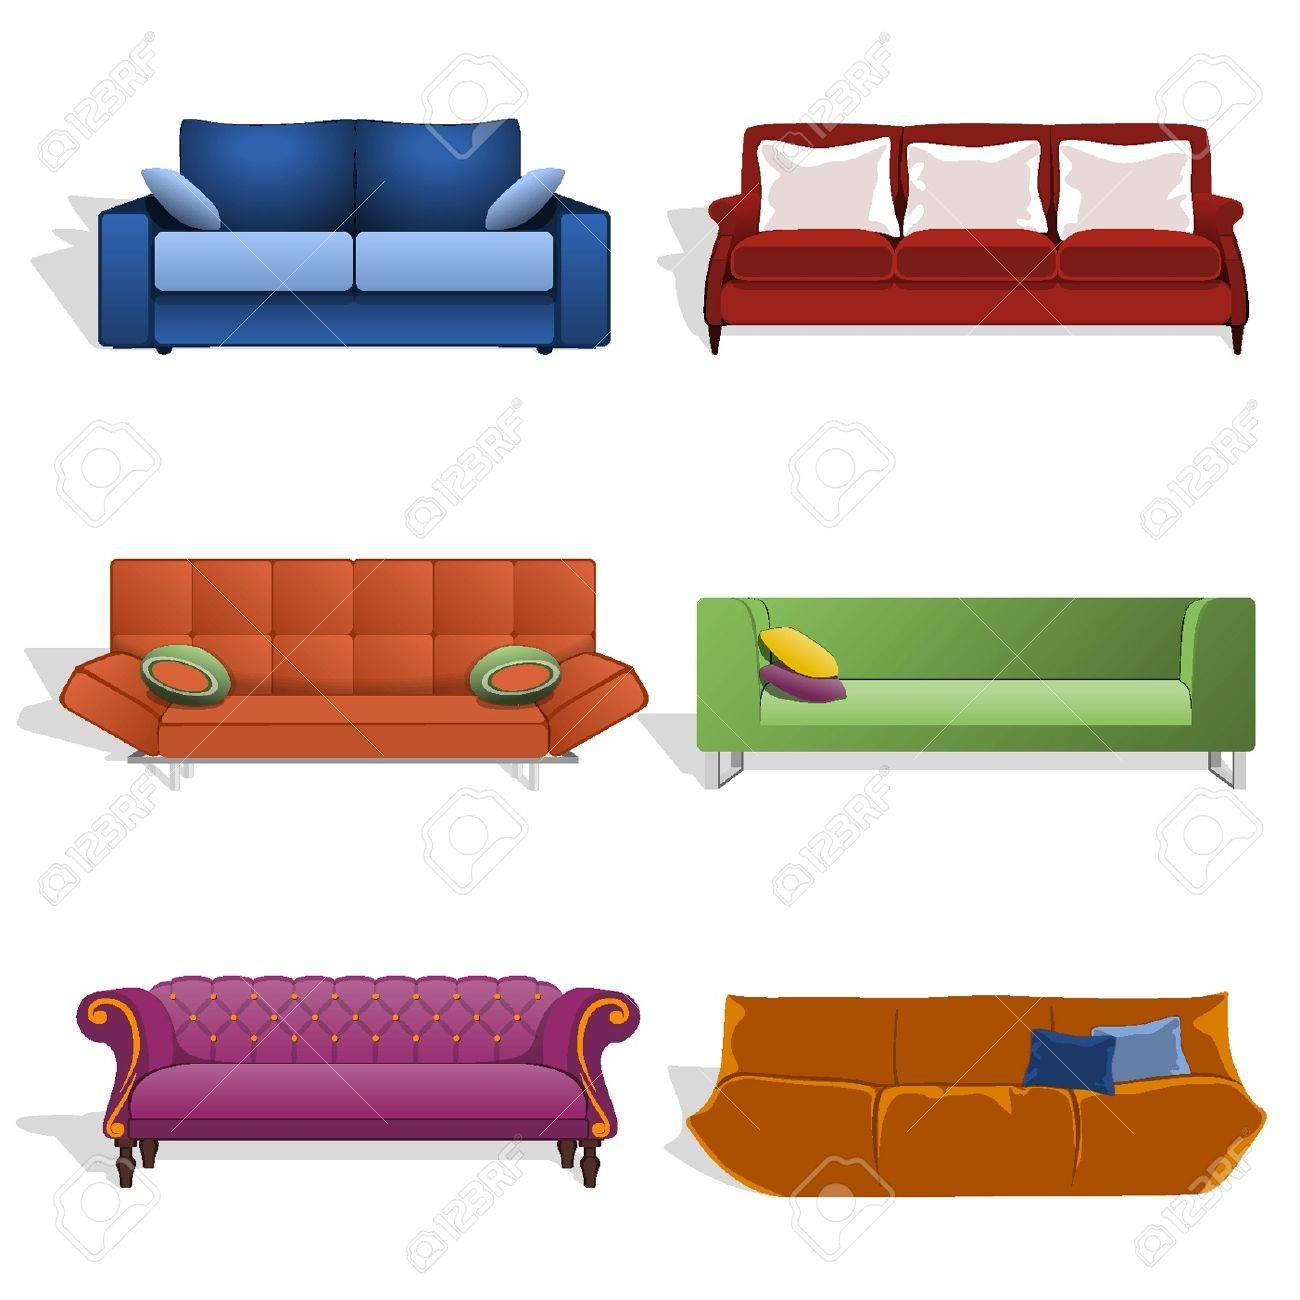 Sofás en diferentes colores y diseños Foto de archivo - 18134337